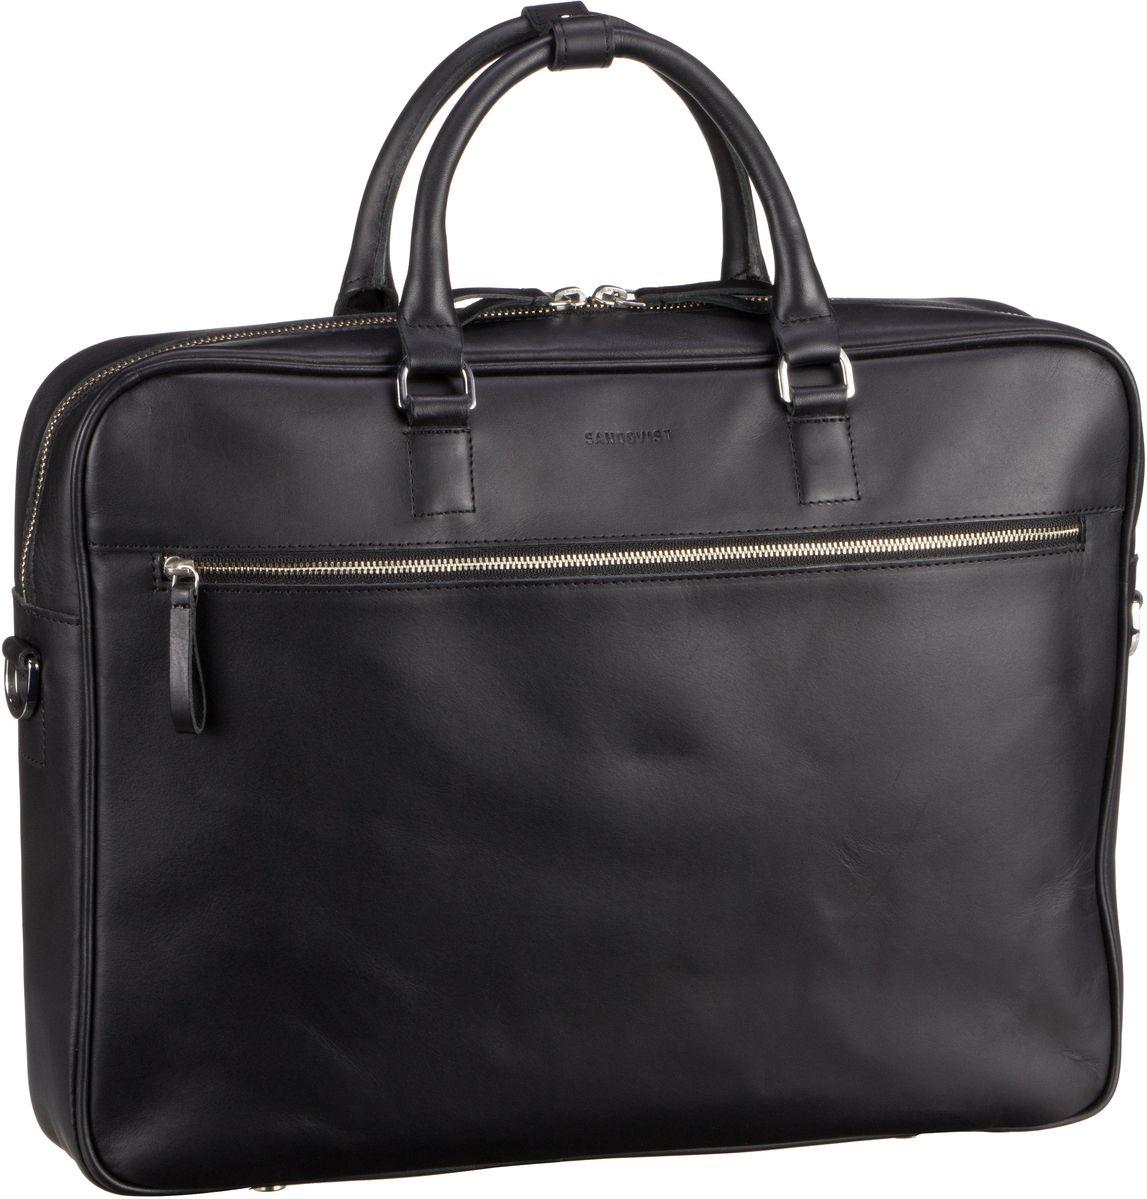 Businesstaschen für Frauen - Sandqvist Aktenmappe Dag Briefcase Black (6 Liter)  - Onlineshop Taschenkaufhaus